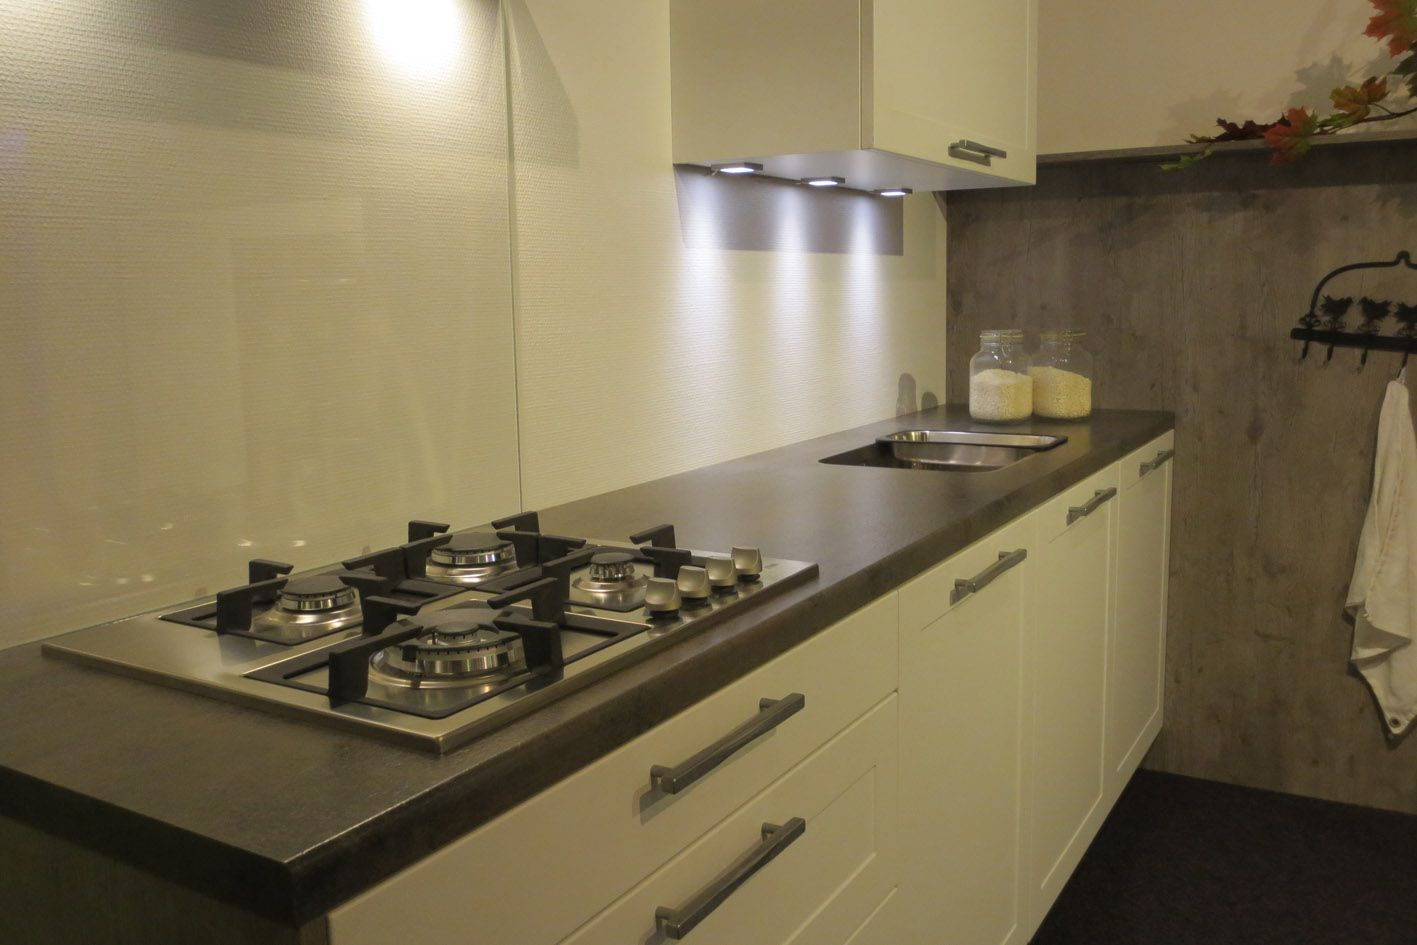 Siematic Keuken Outlet : Kwaliteit Keukens Informatie Over Kwaliteit Bij Keukens Share The